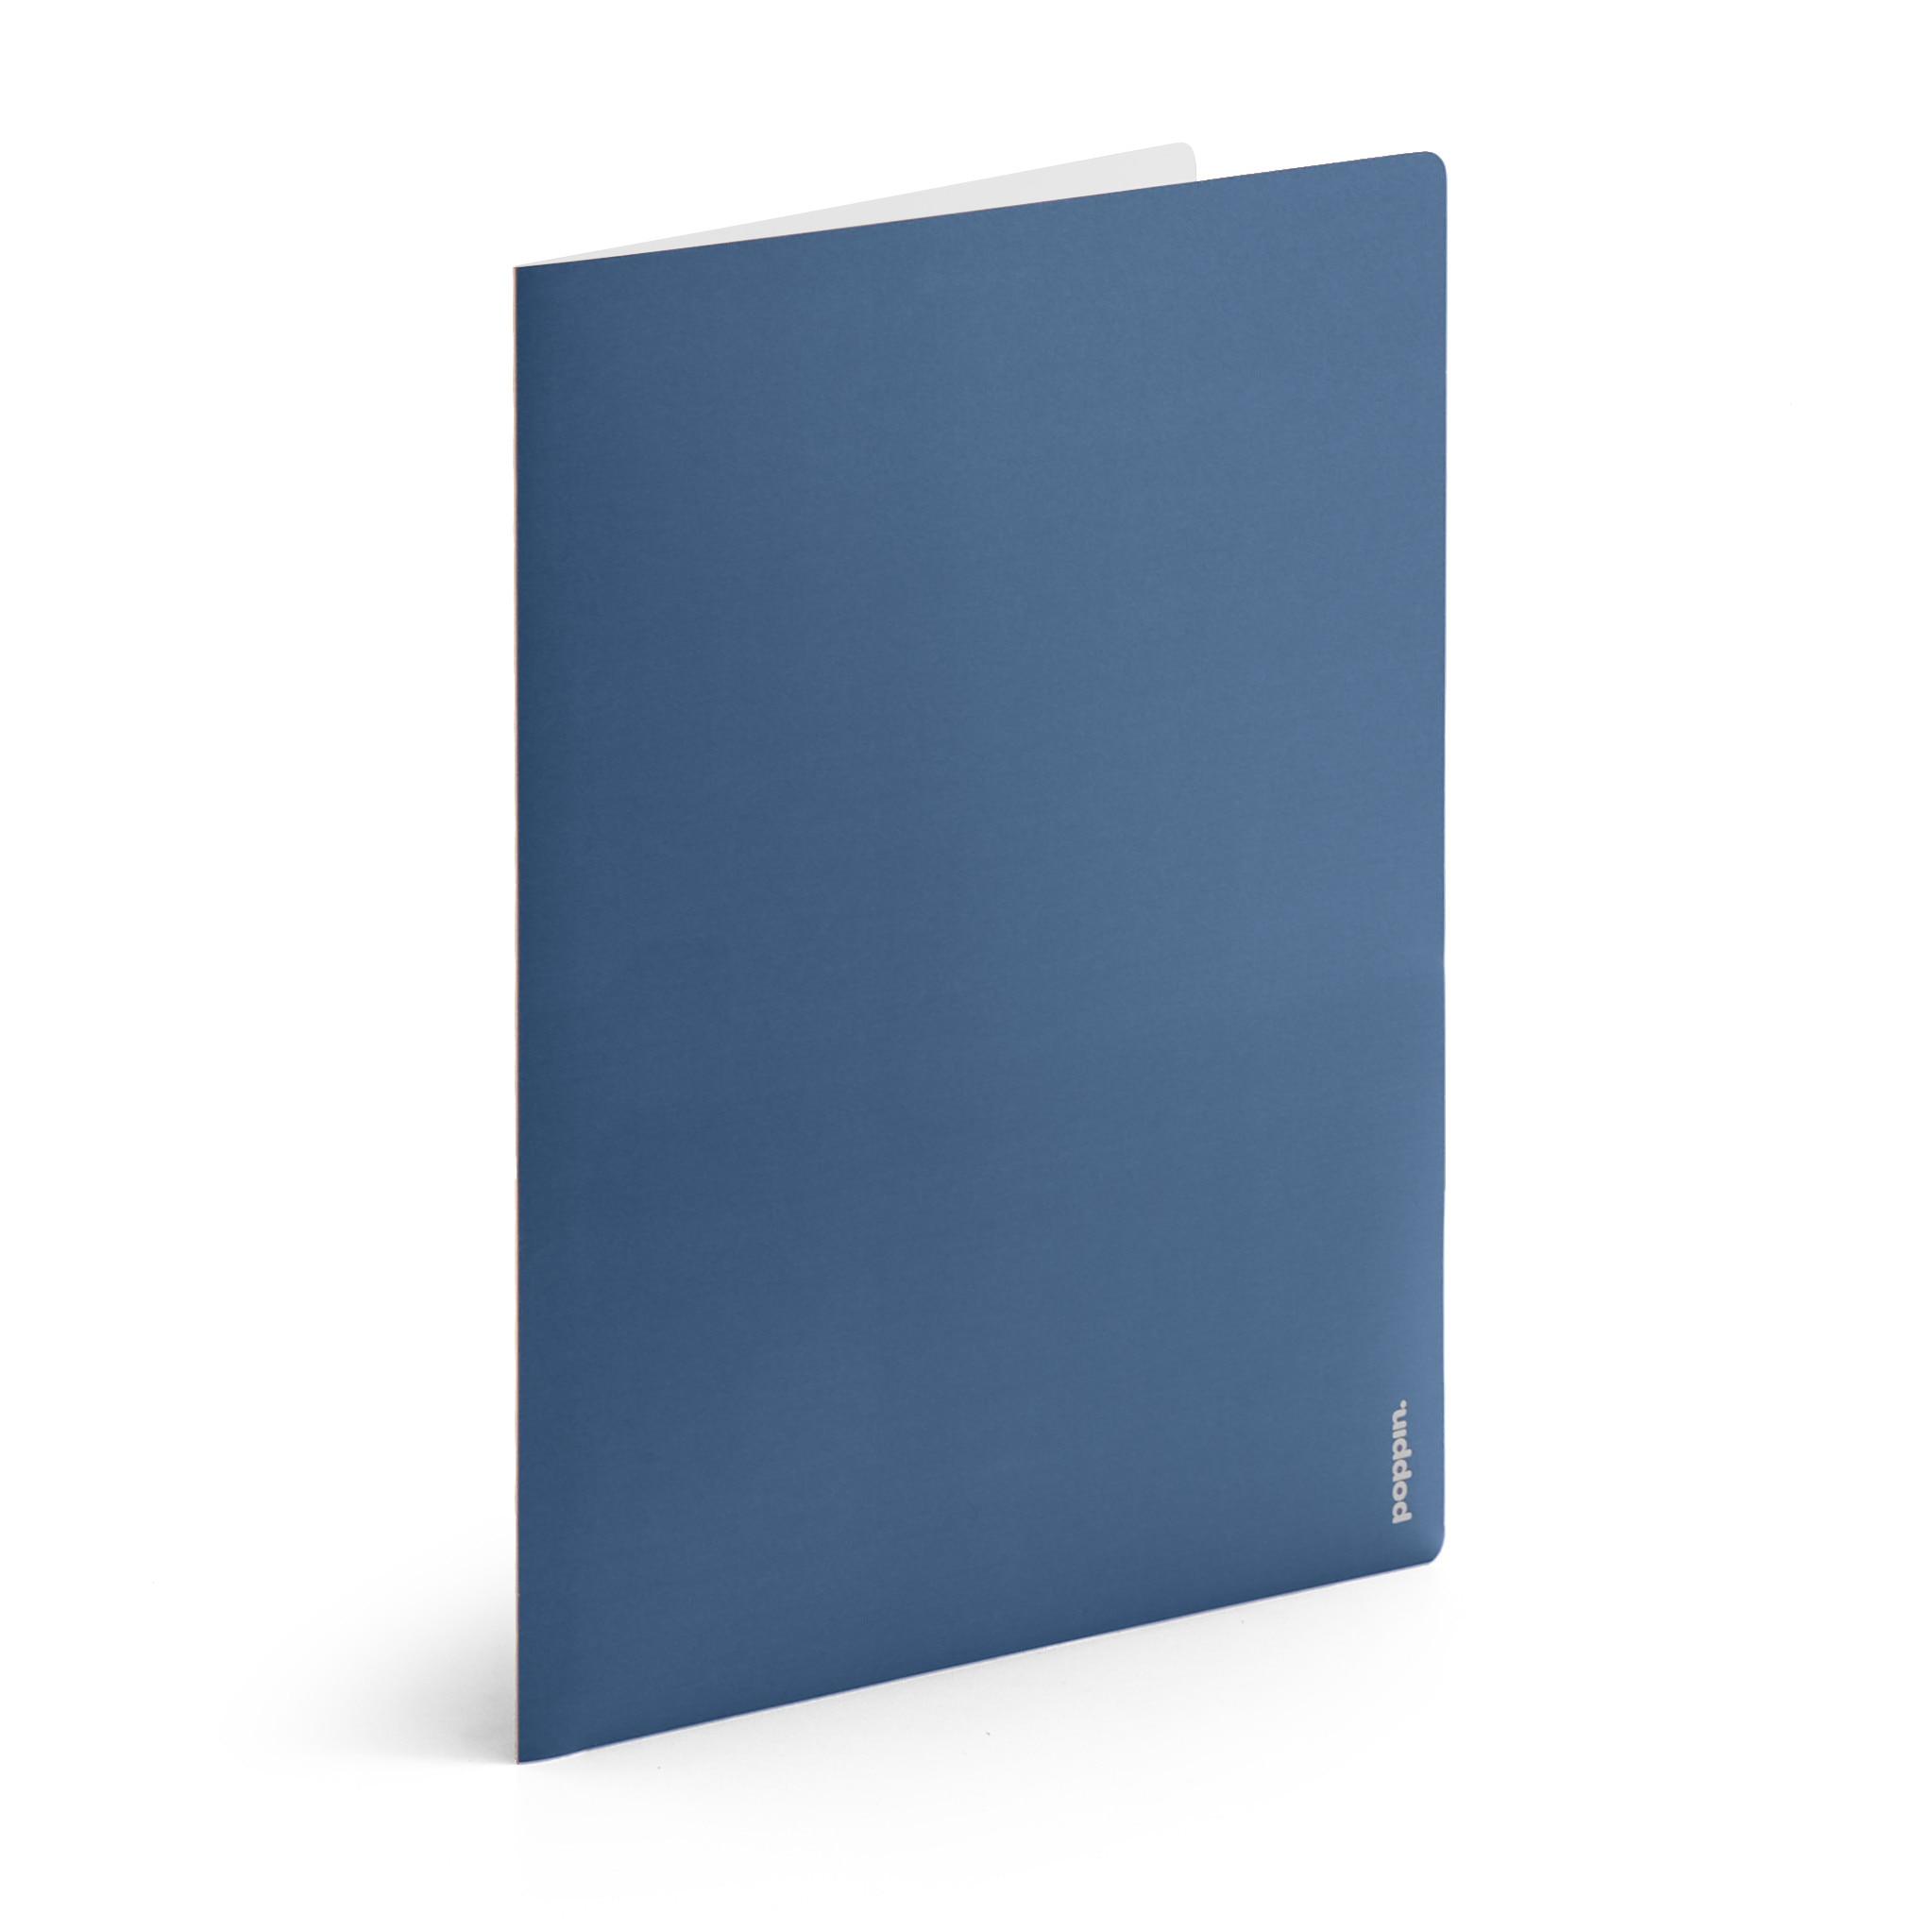 Poppin Slate  Light Gray 2Pocket Poly Folder